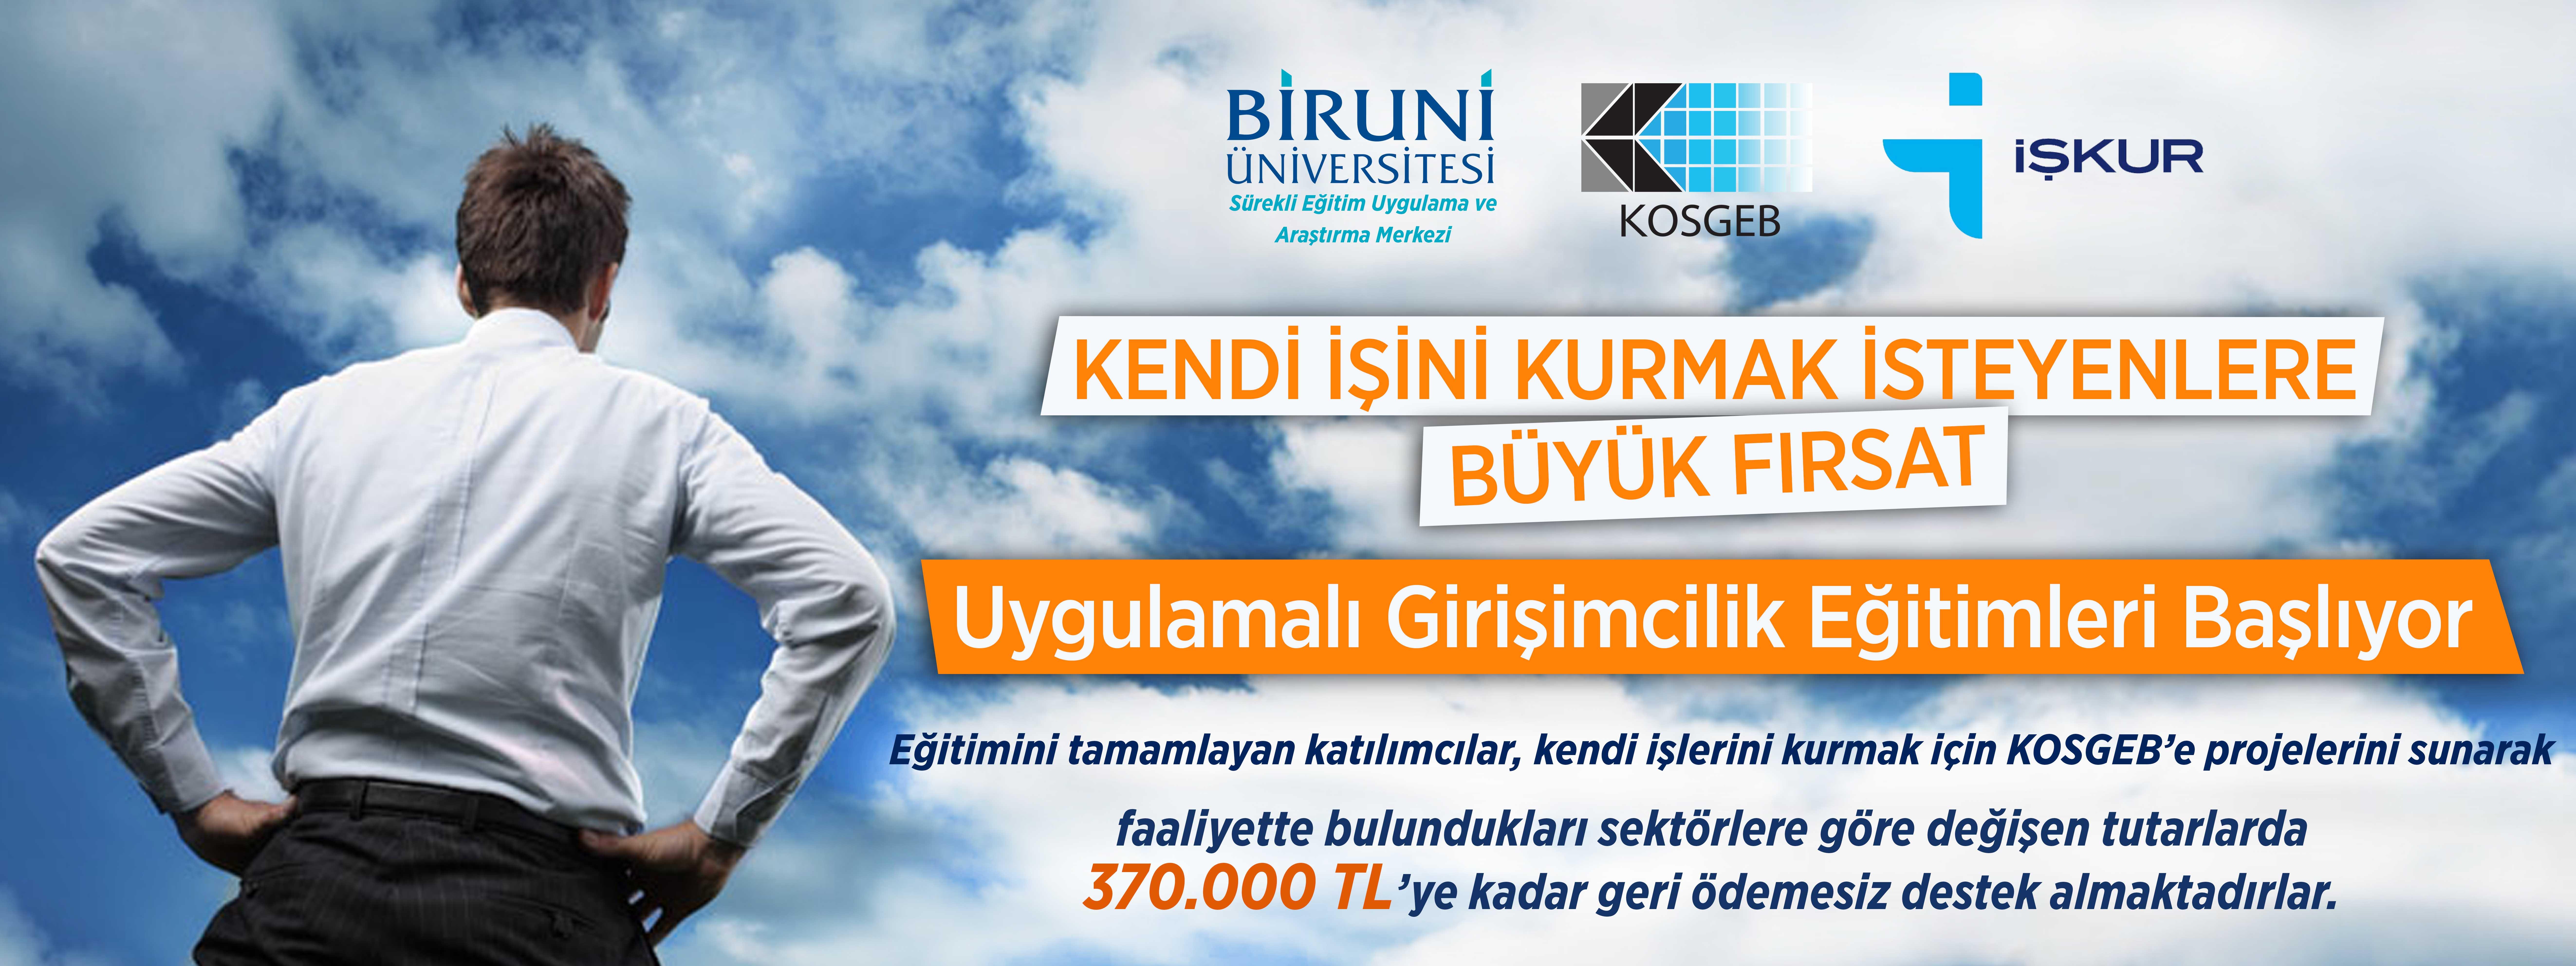 UYGULAMALI-GİRİŞİMCİLİK-1